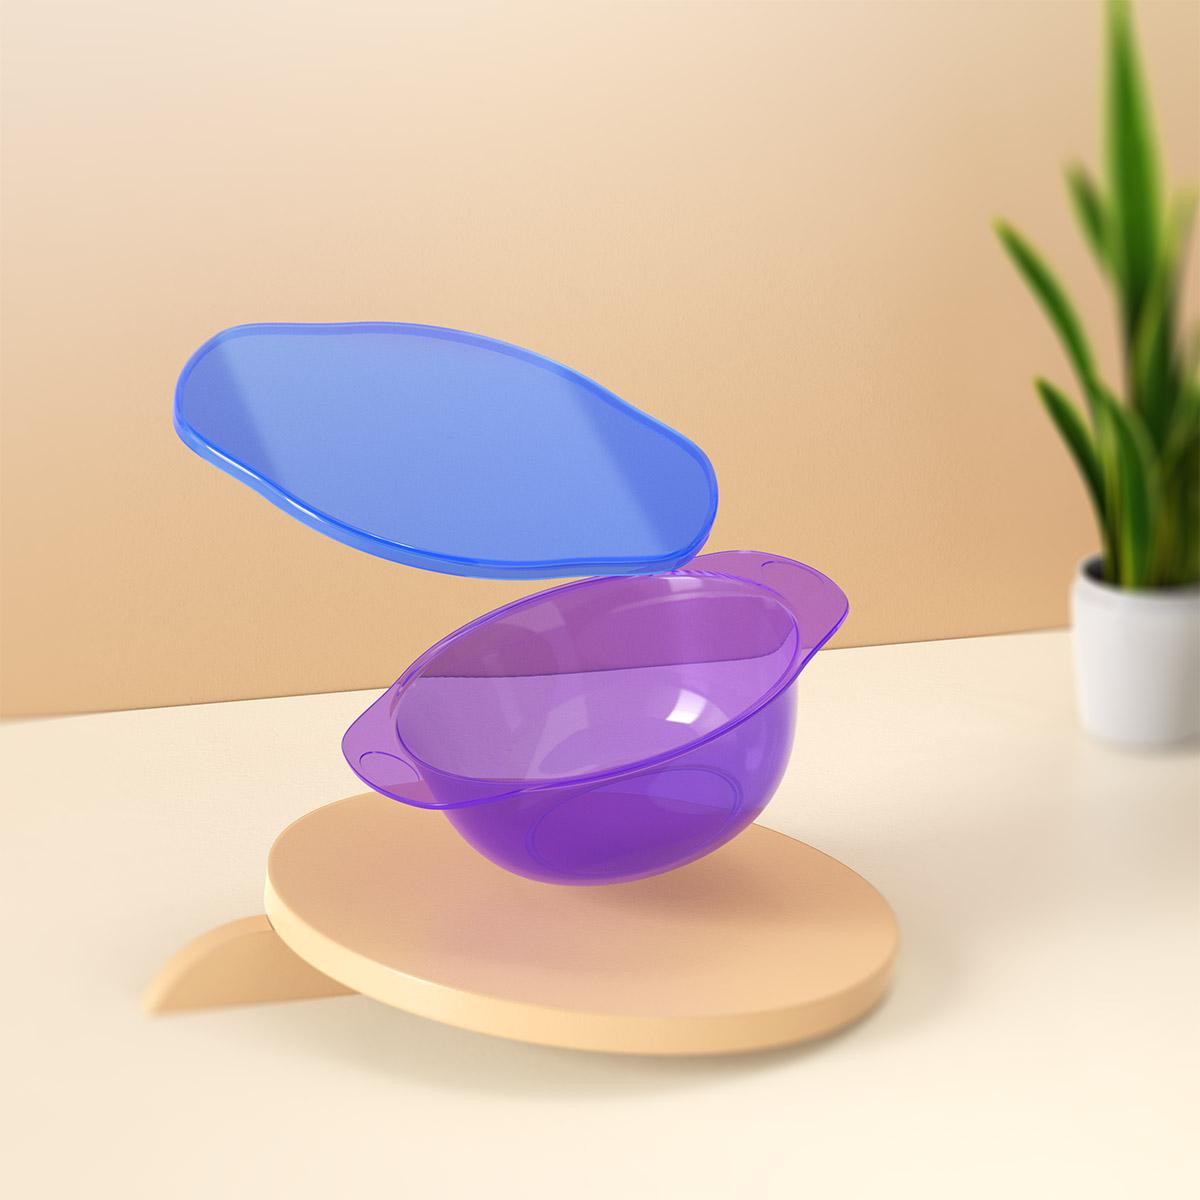 日常-彩色半透明碗